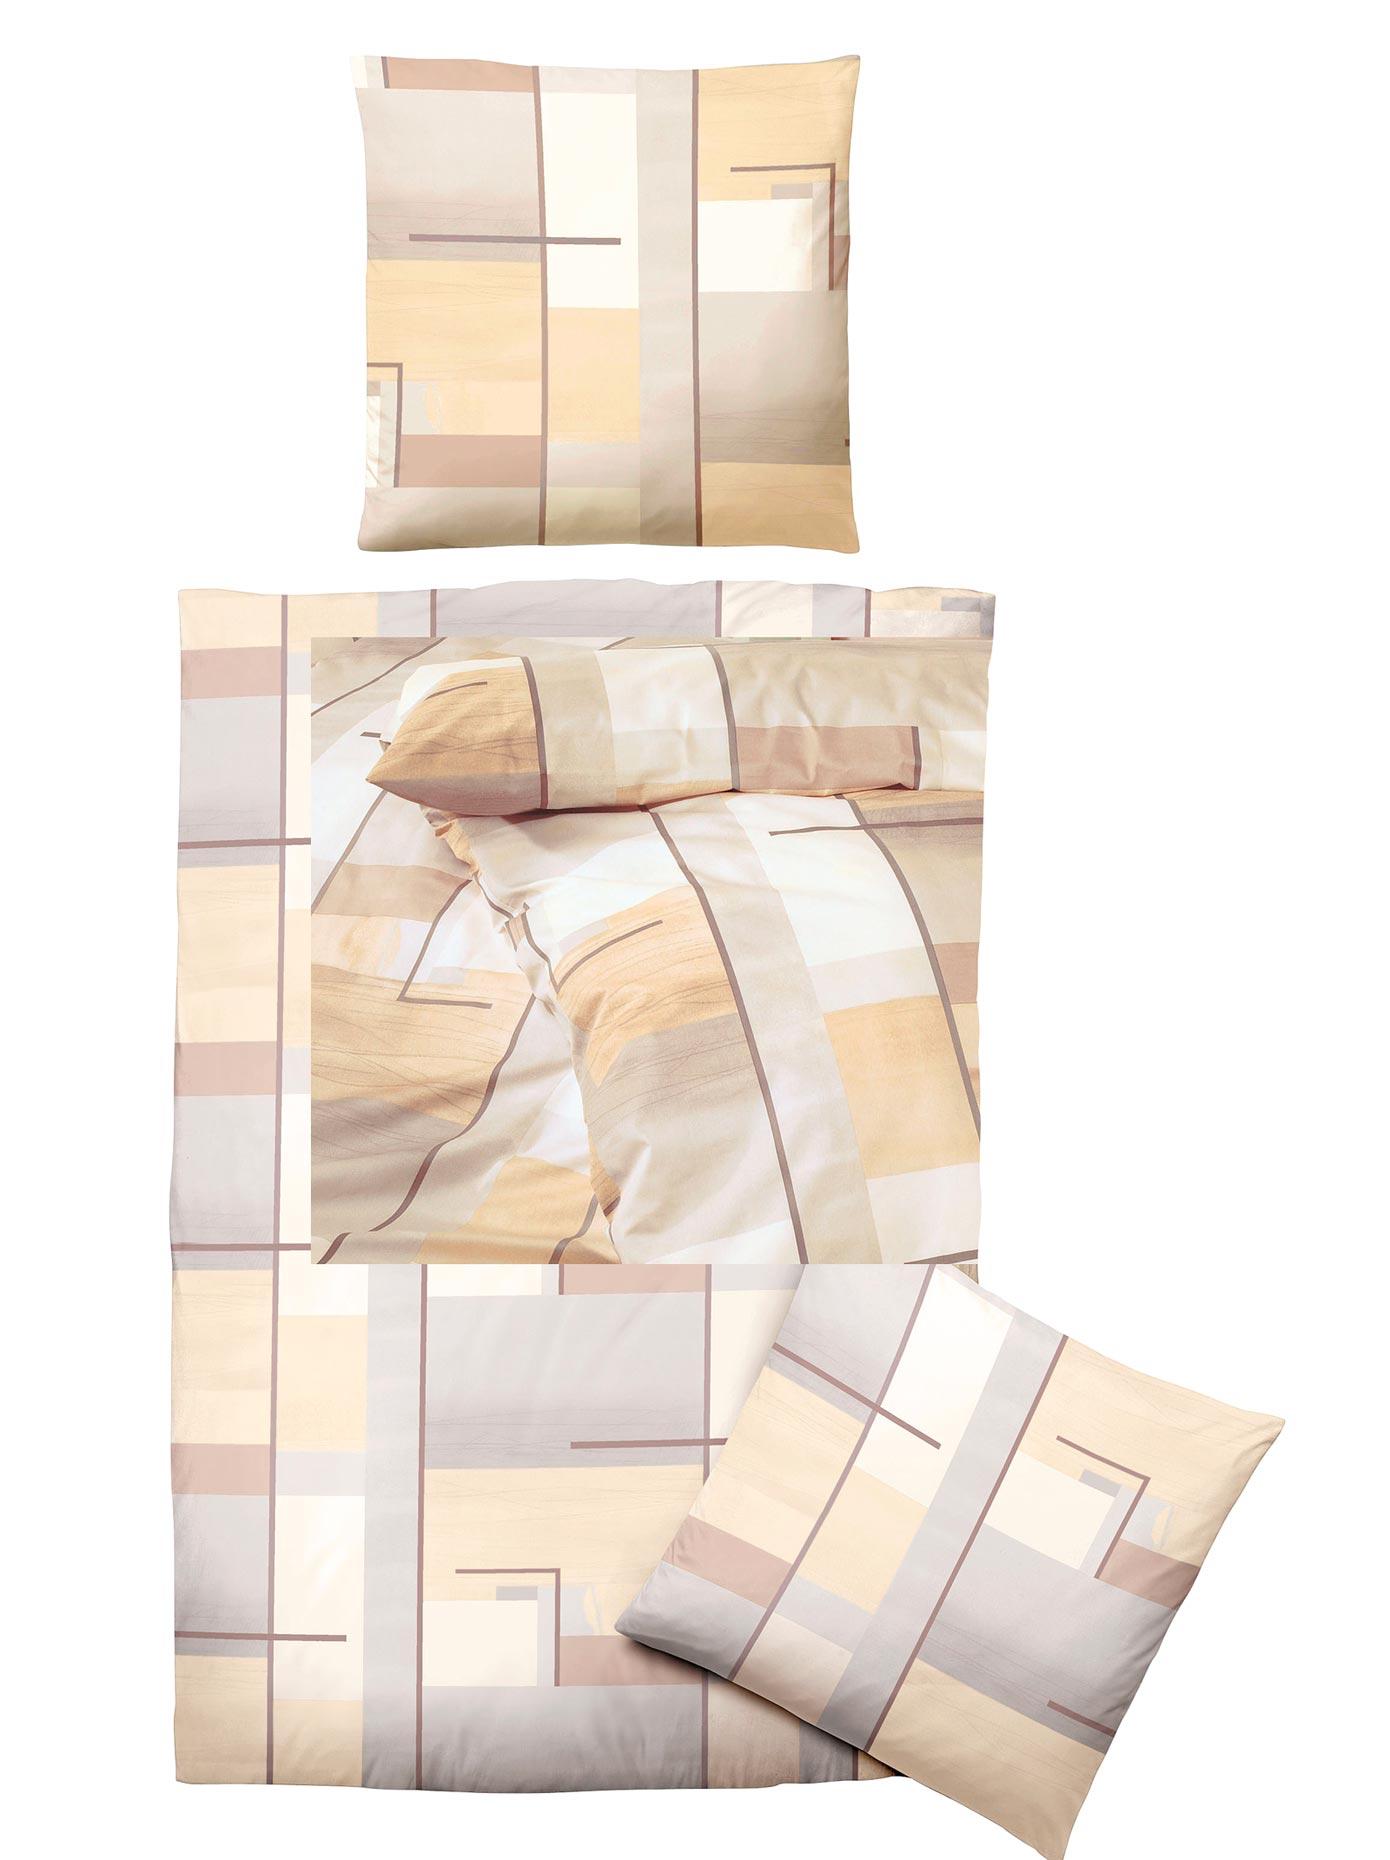 Biberna Bettwäsche braun Baumwollbettwäsche nach Material Bettwäsche, Bettlaken und Betttücher